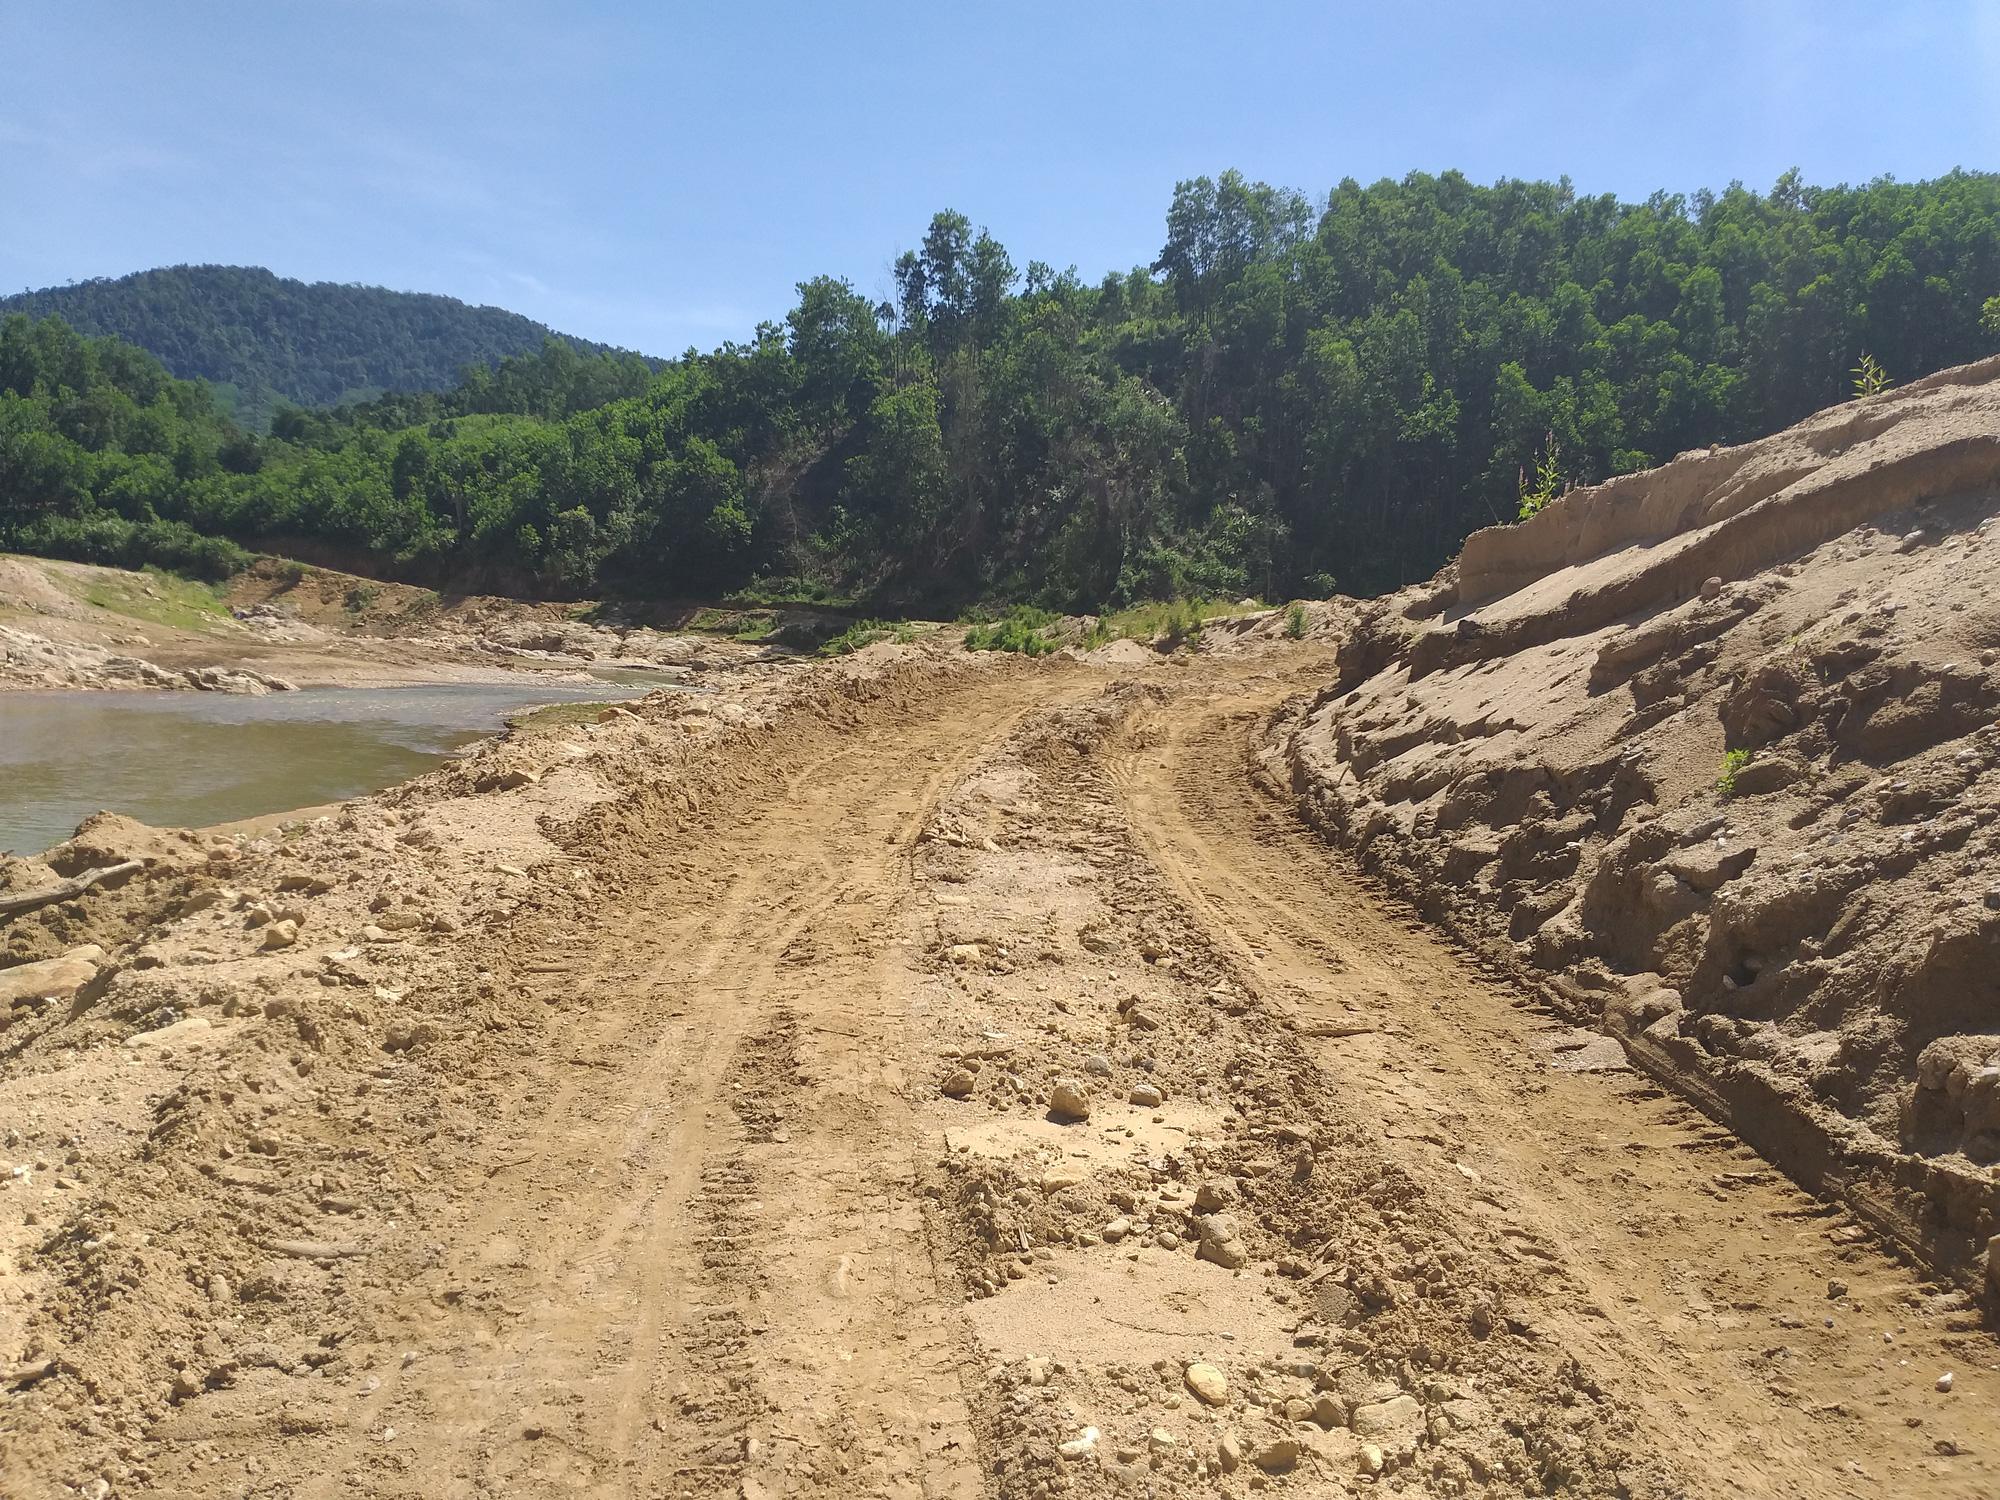 """Vụ ngàn khối cát bị rút ruột ở Nước Xa: Huyện kêu gọi """"cát tặc"""" đến nhận lại cát - Ảnh 3."""